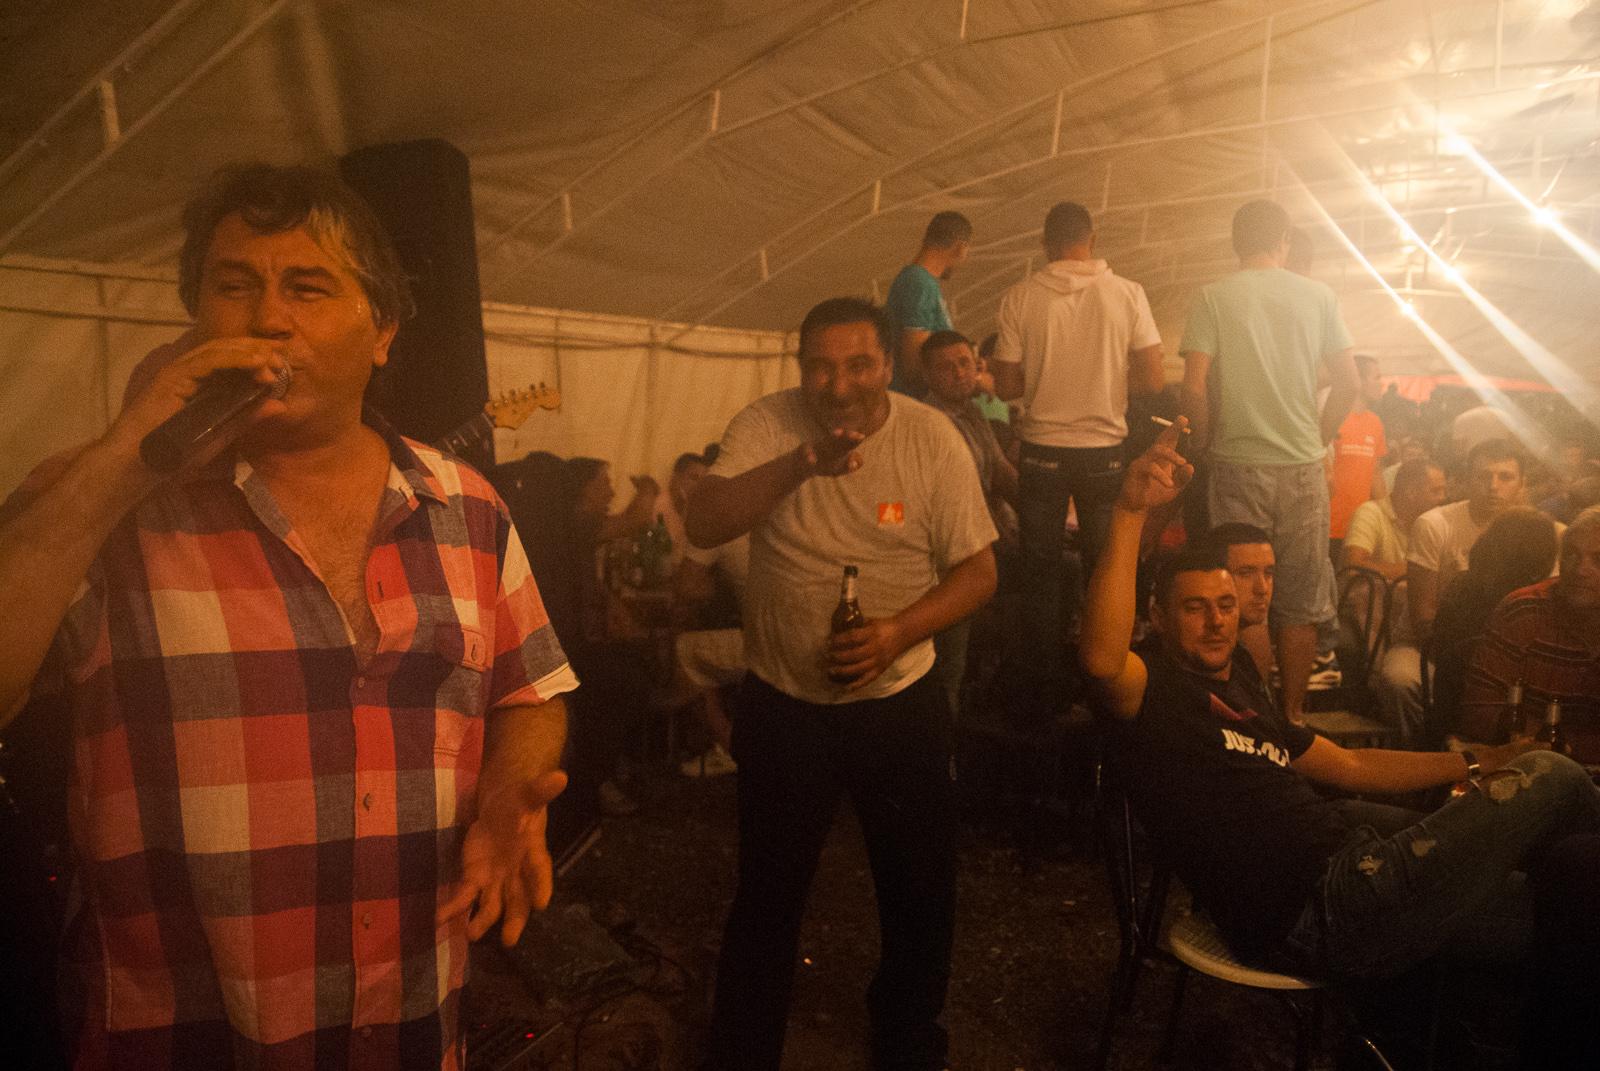 Halid Muselinović (napred) i lokalni pijanica-zabavljač u pozadini